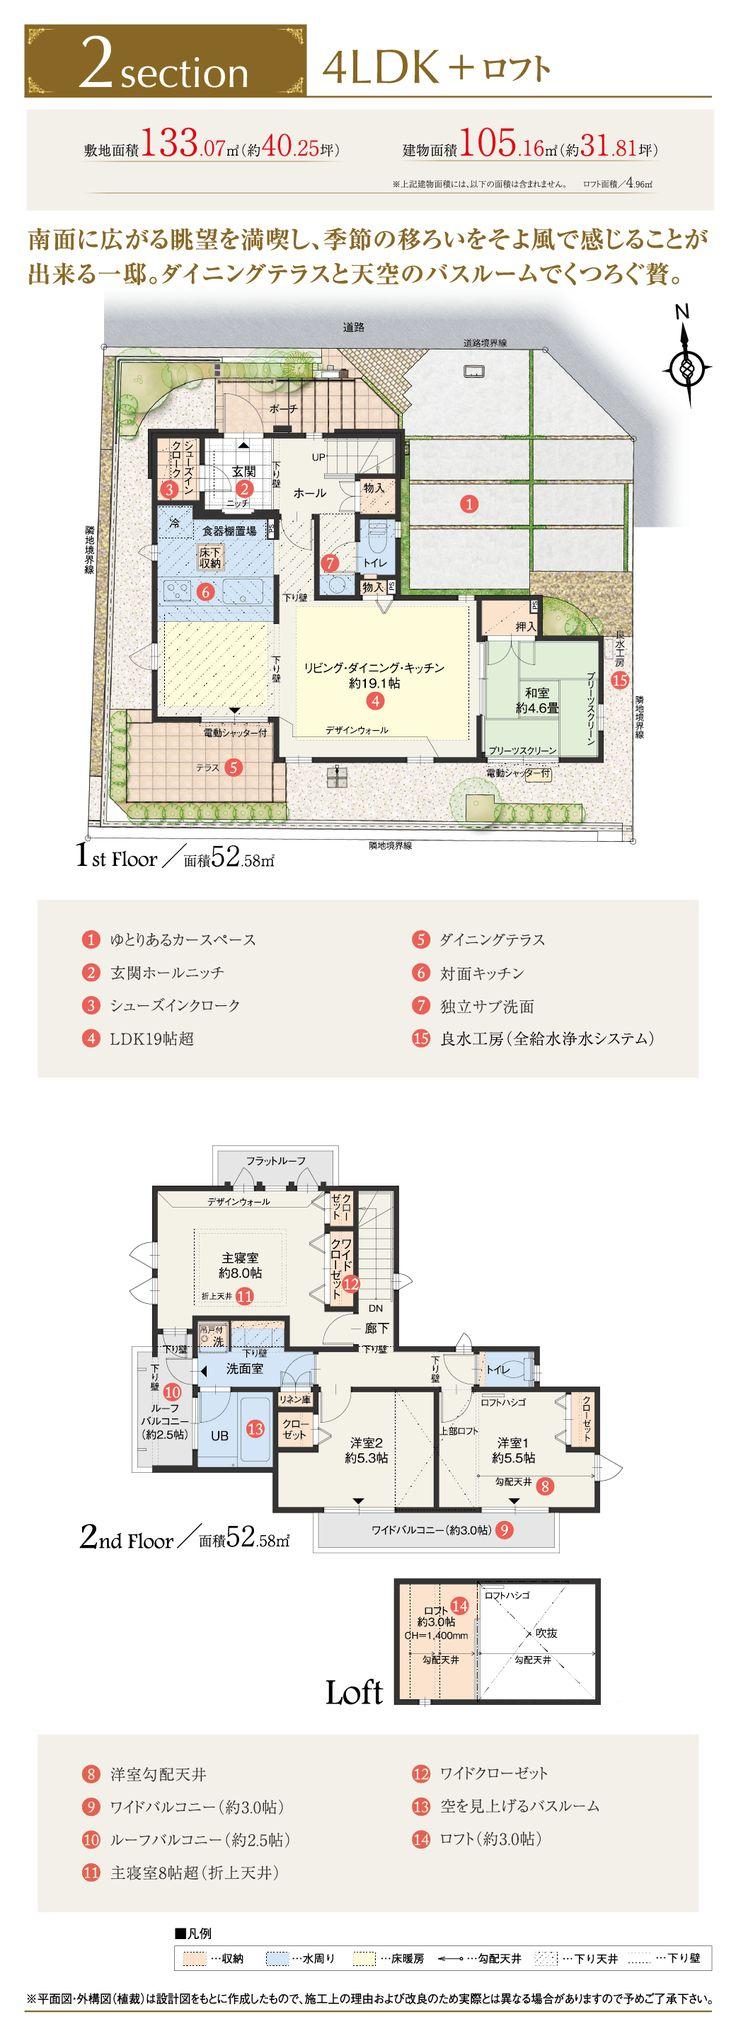 横浜市港北区に誕生する新築一戸建【公式】ジョイコート菊名パールテラッセ | 区画図